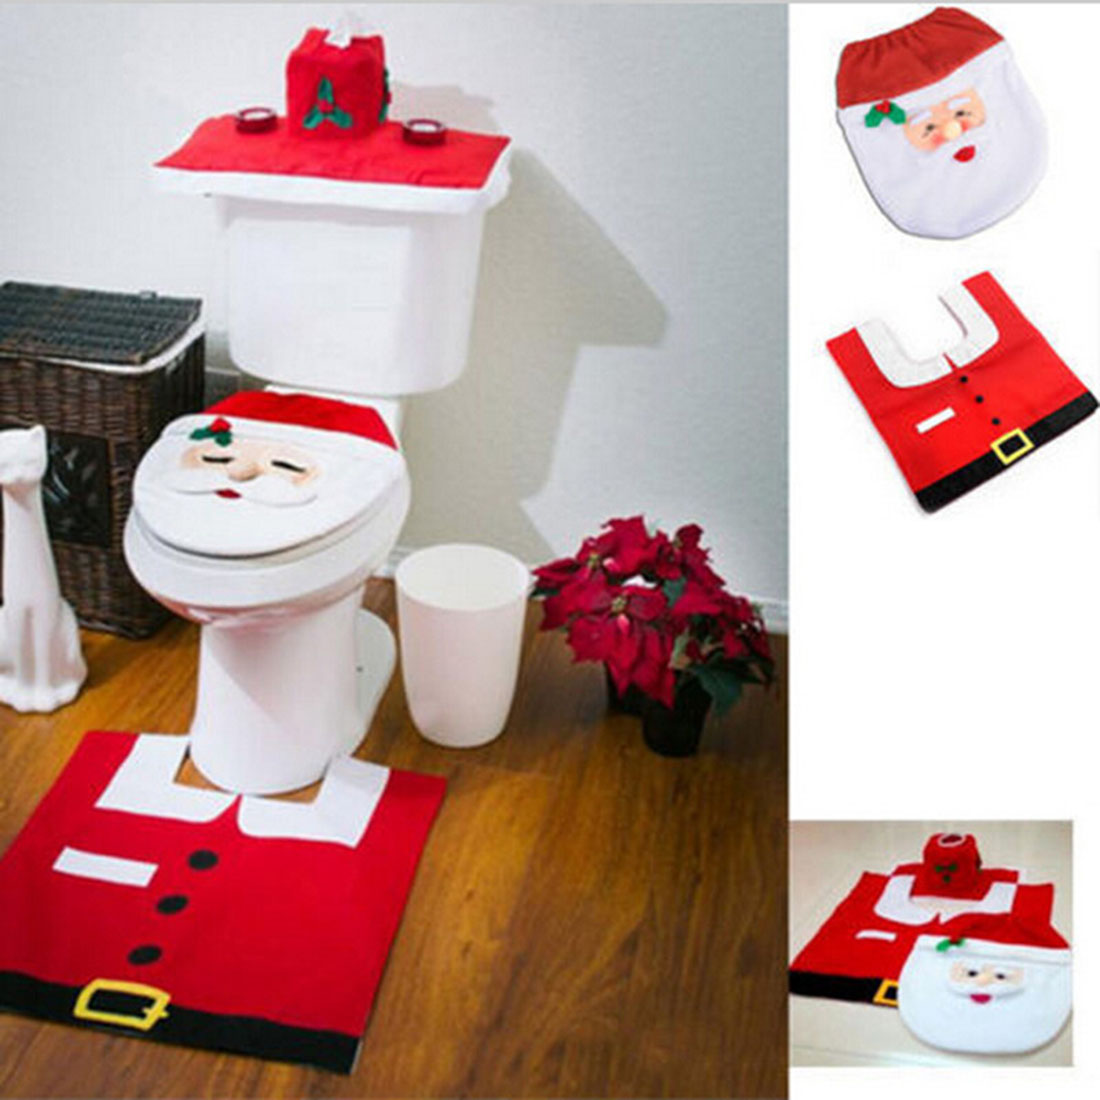 Al por mayor 3 unid set Navidad Santa Claus cuarto Asientos de inodoro  cubierta Navidad Decoración a58610ffc5eb